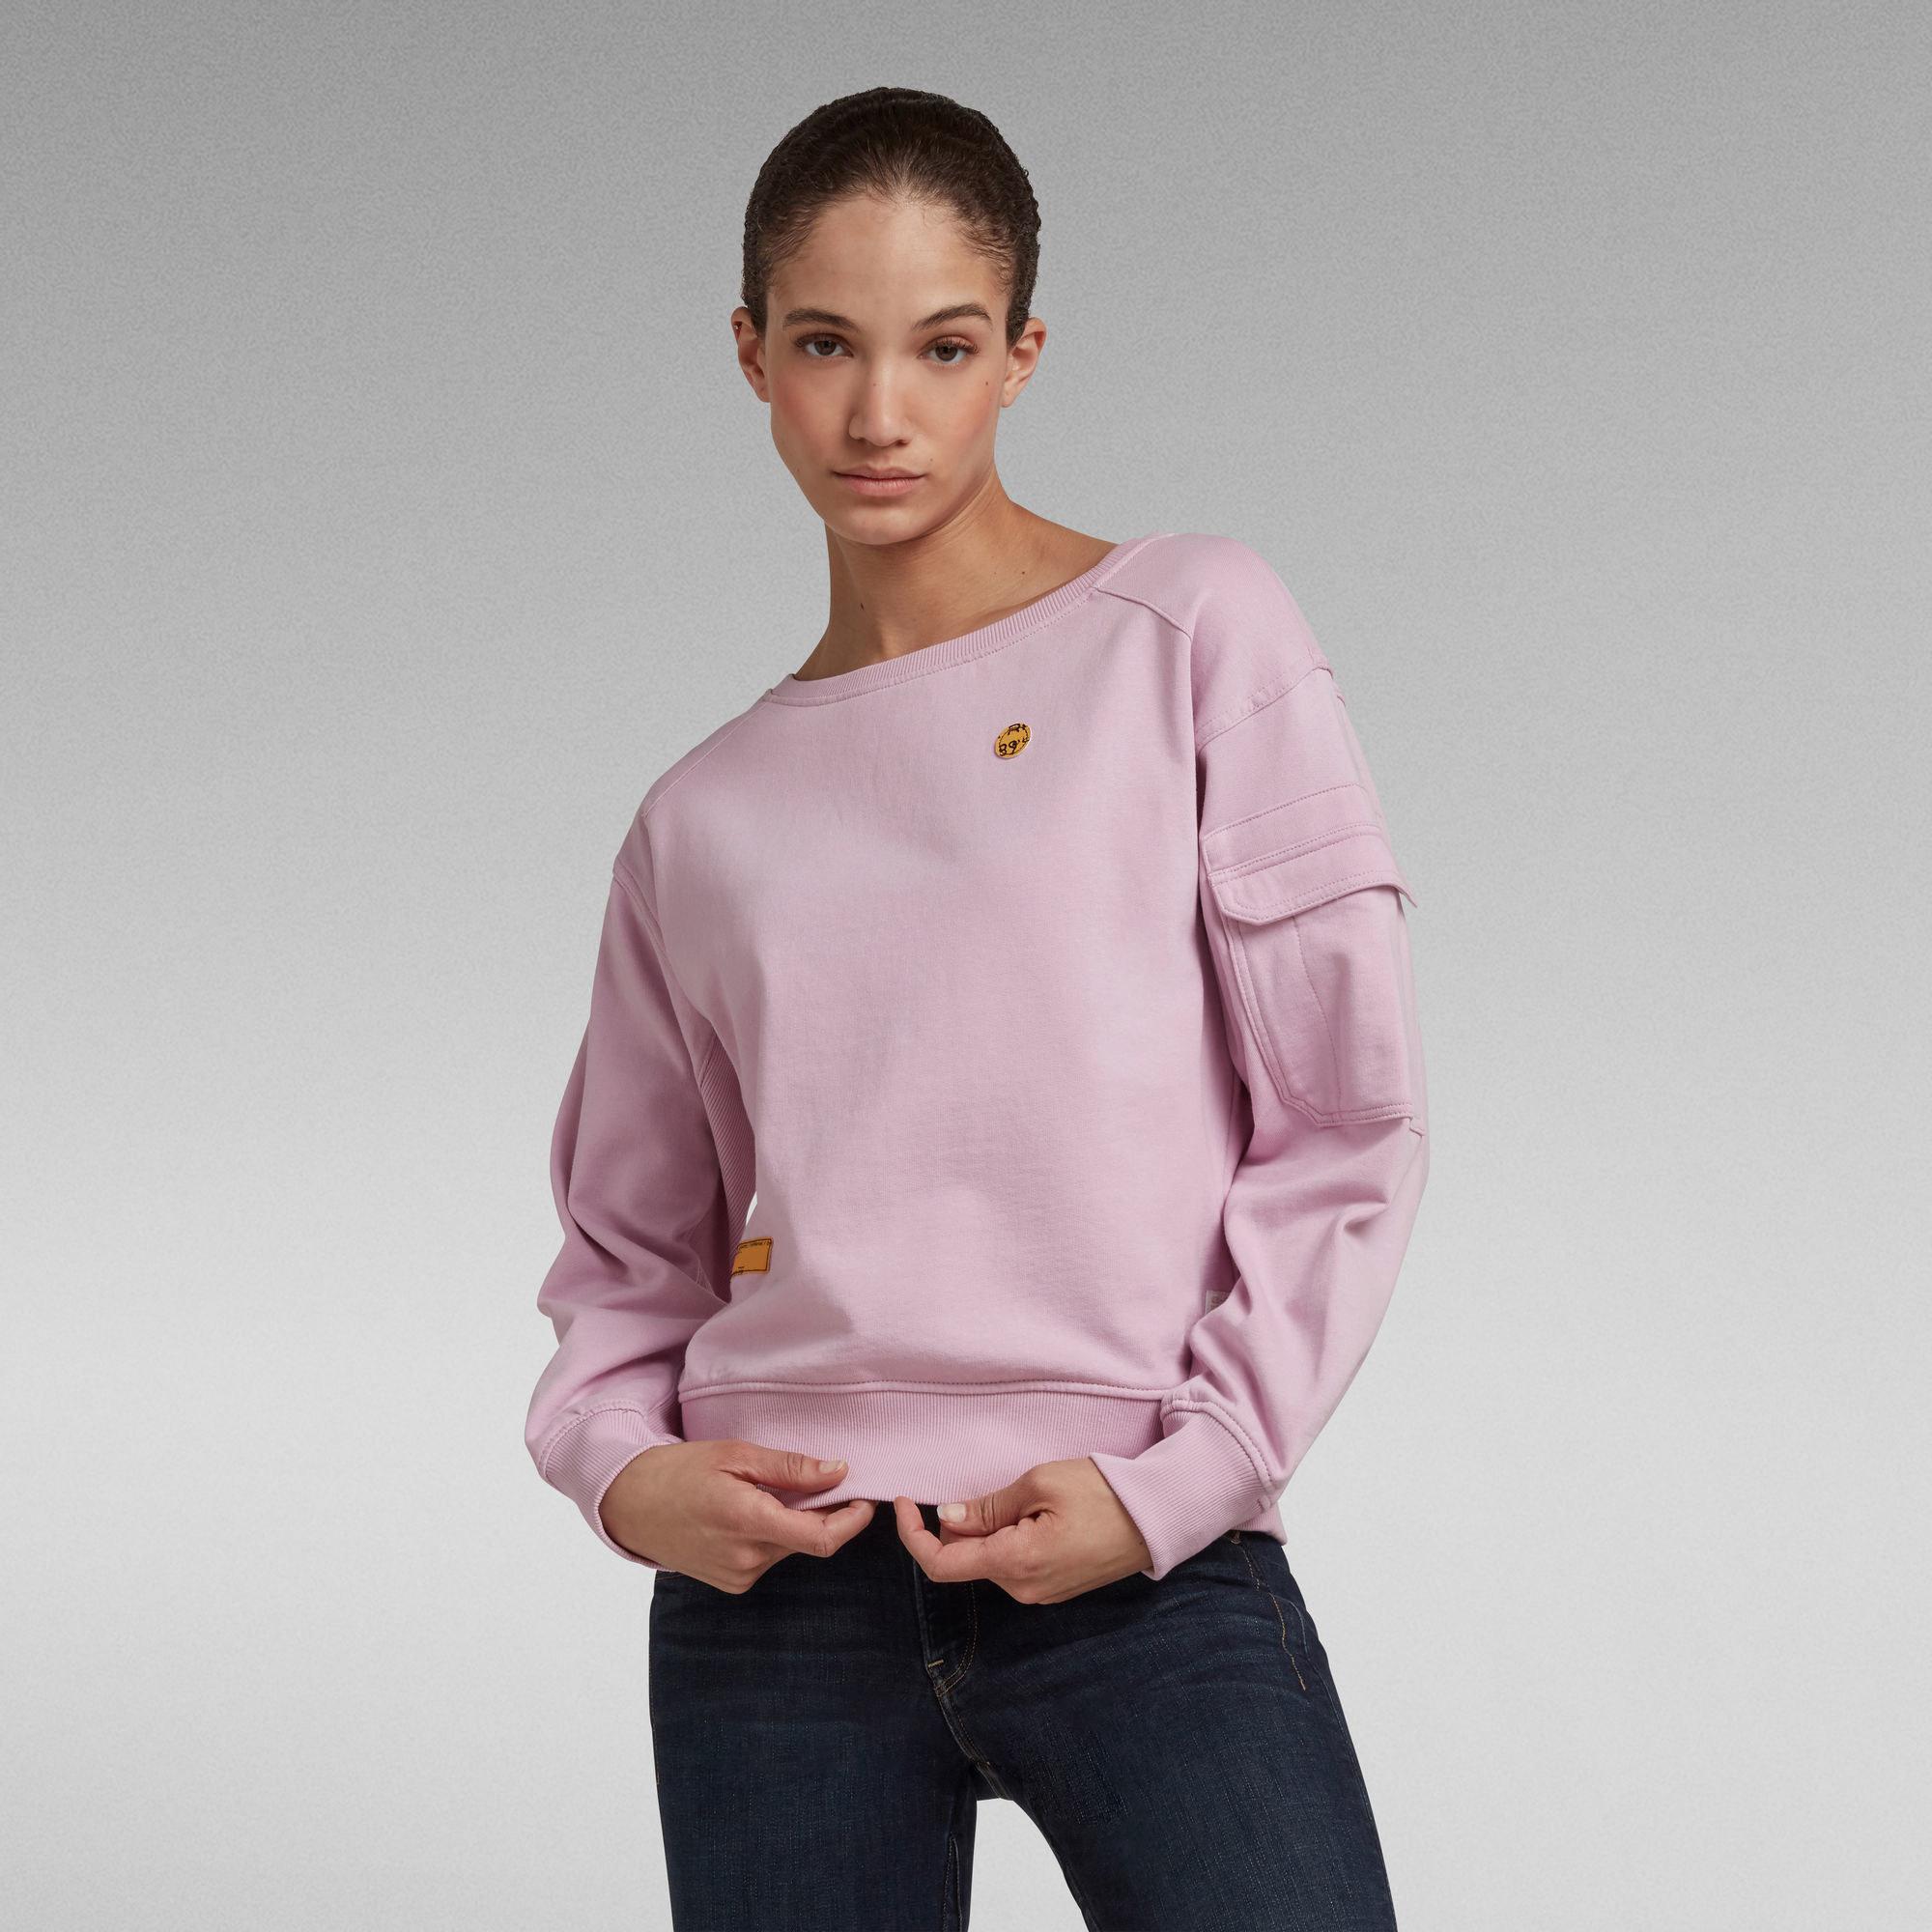 A model wears the sweater